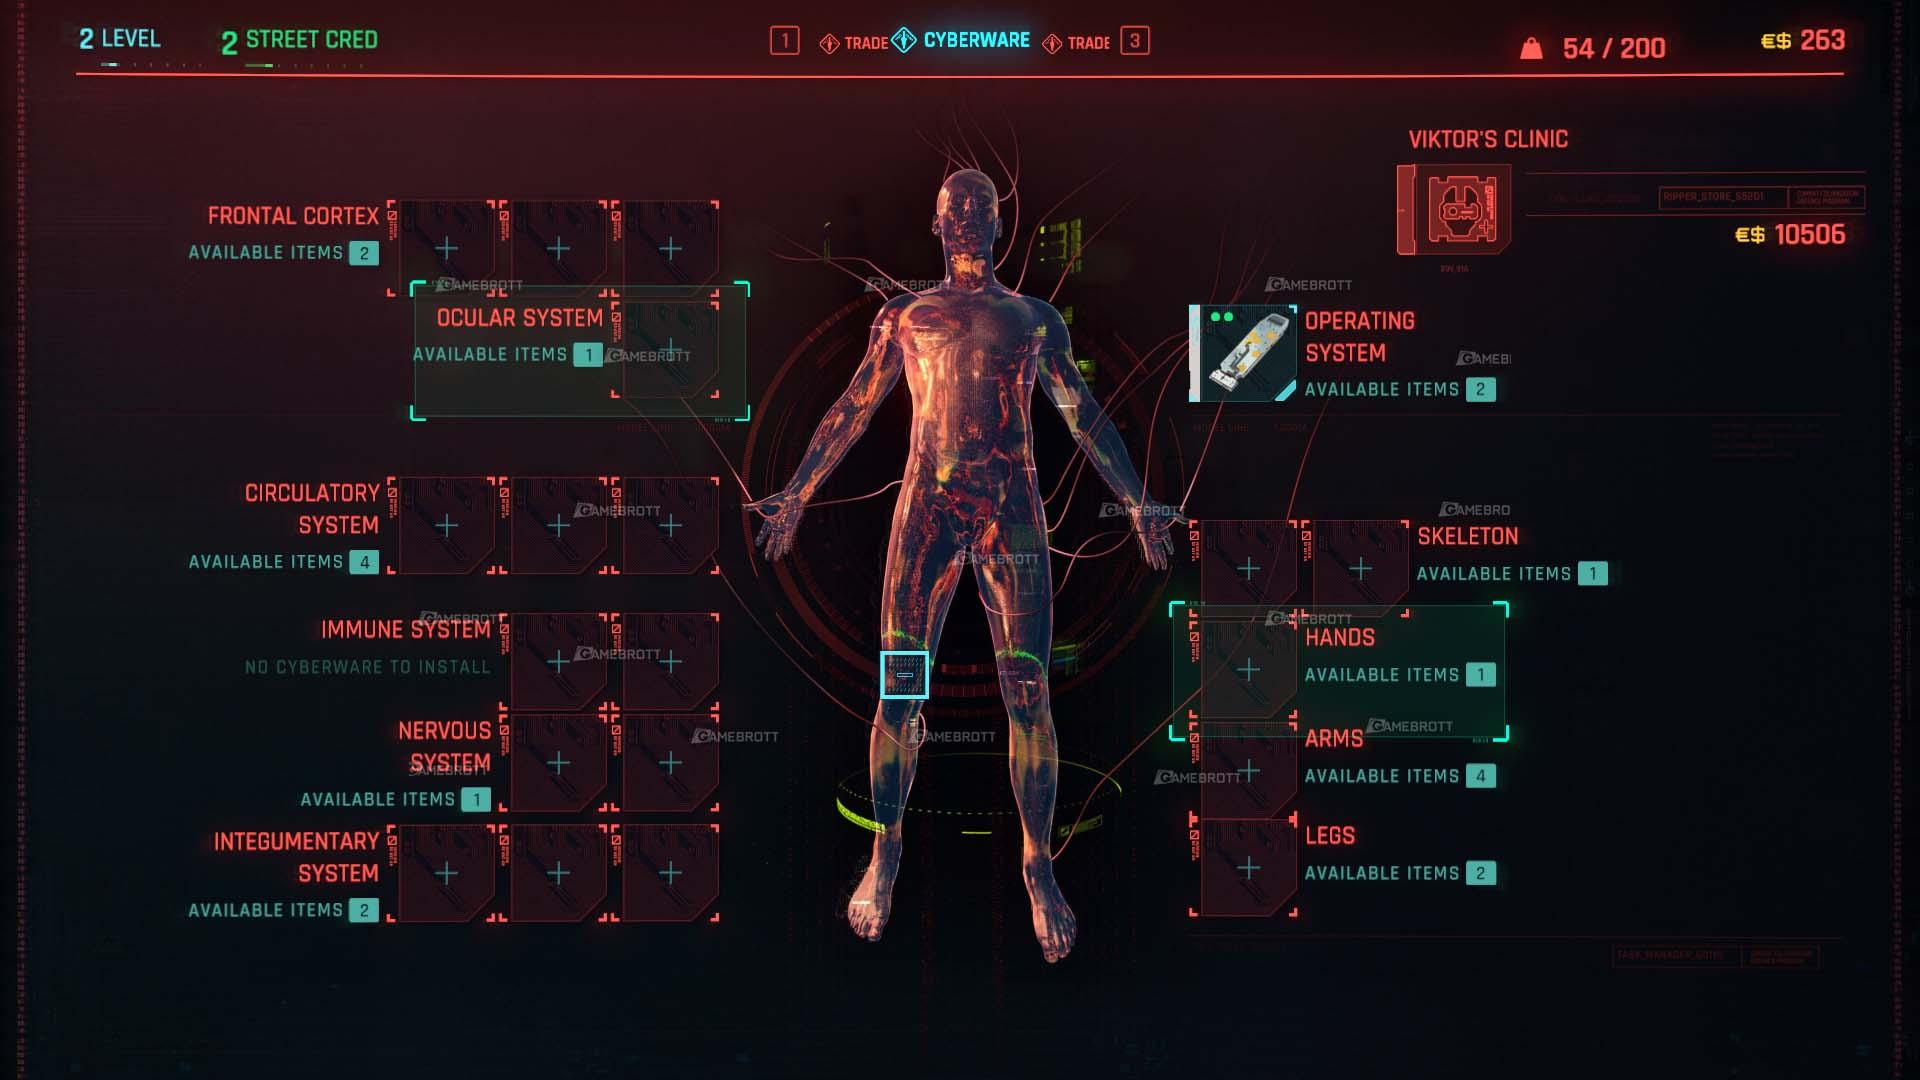 Cyberware2